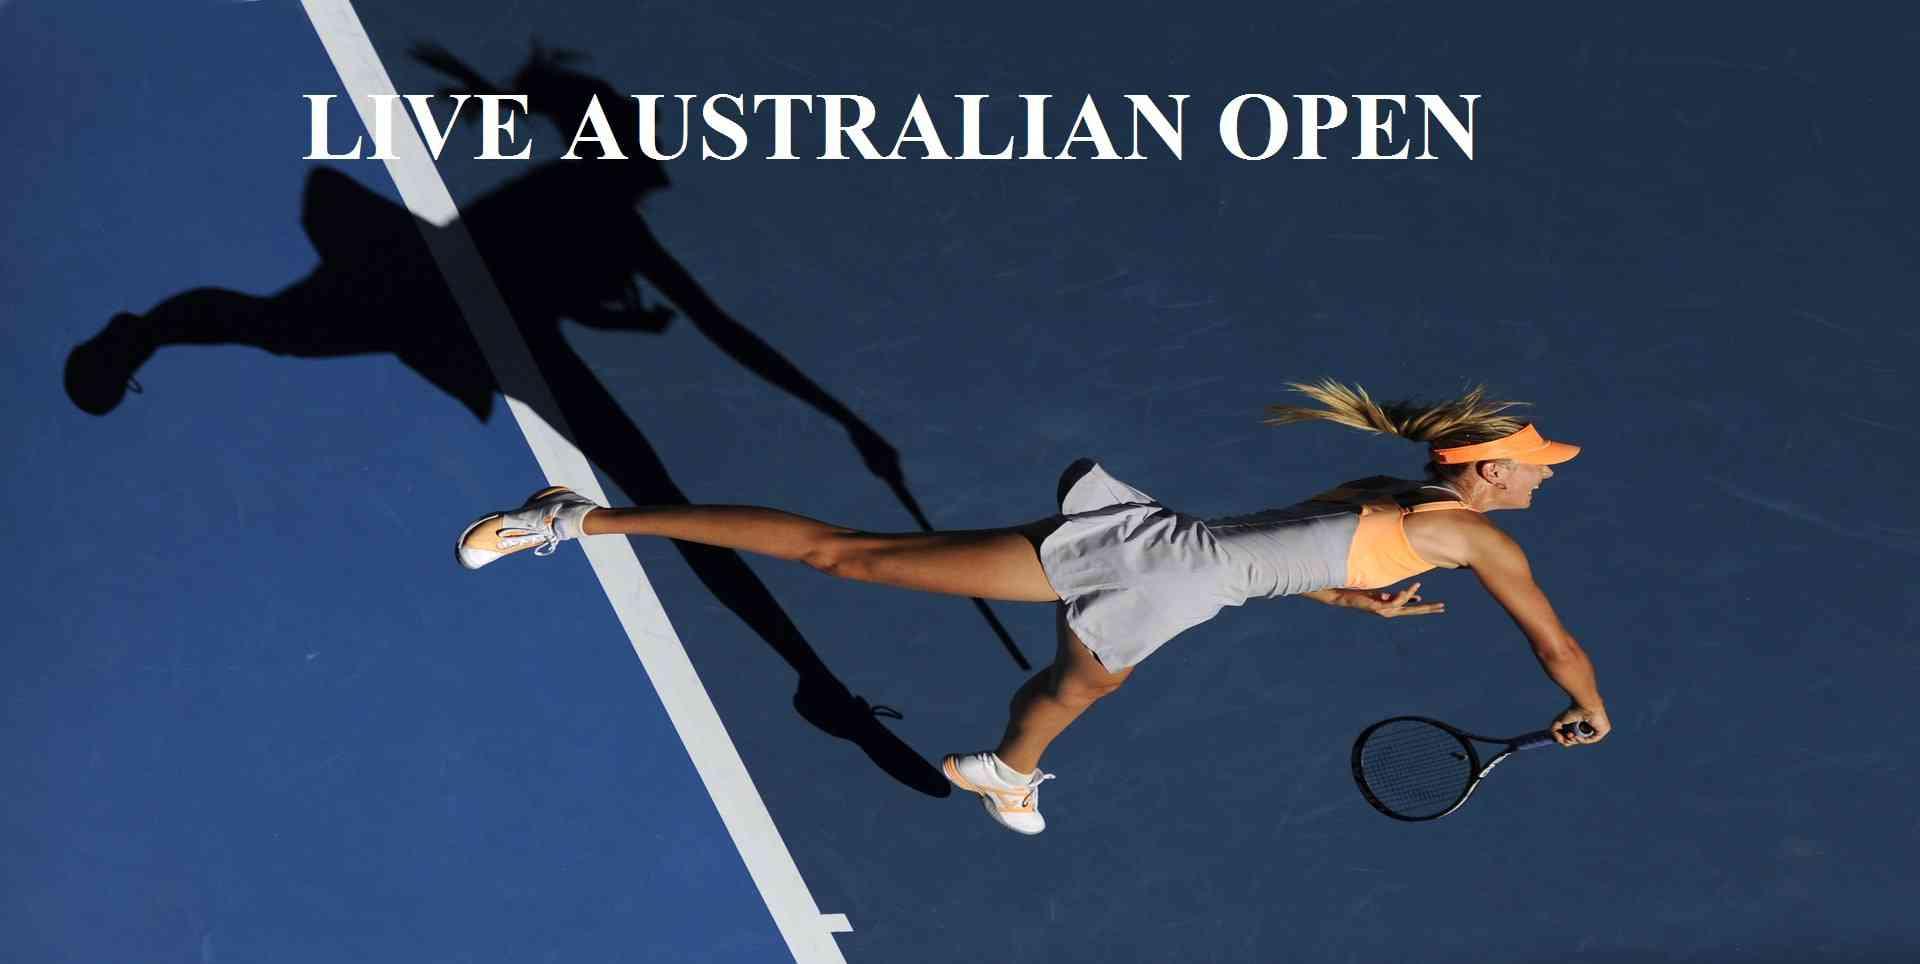 Grand Slam Australian Open 2015